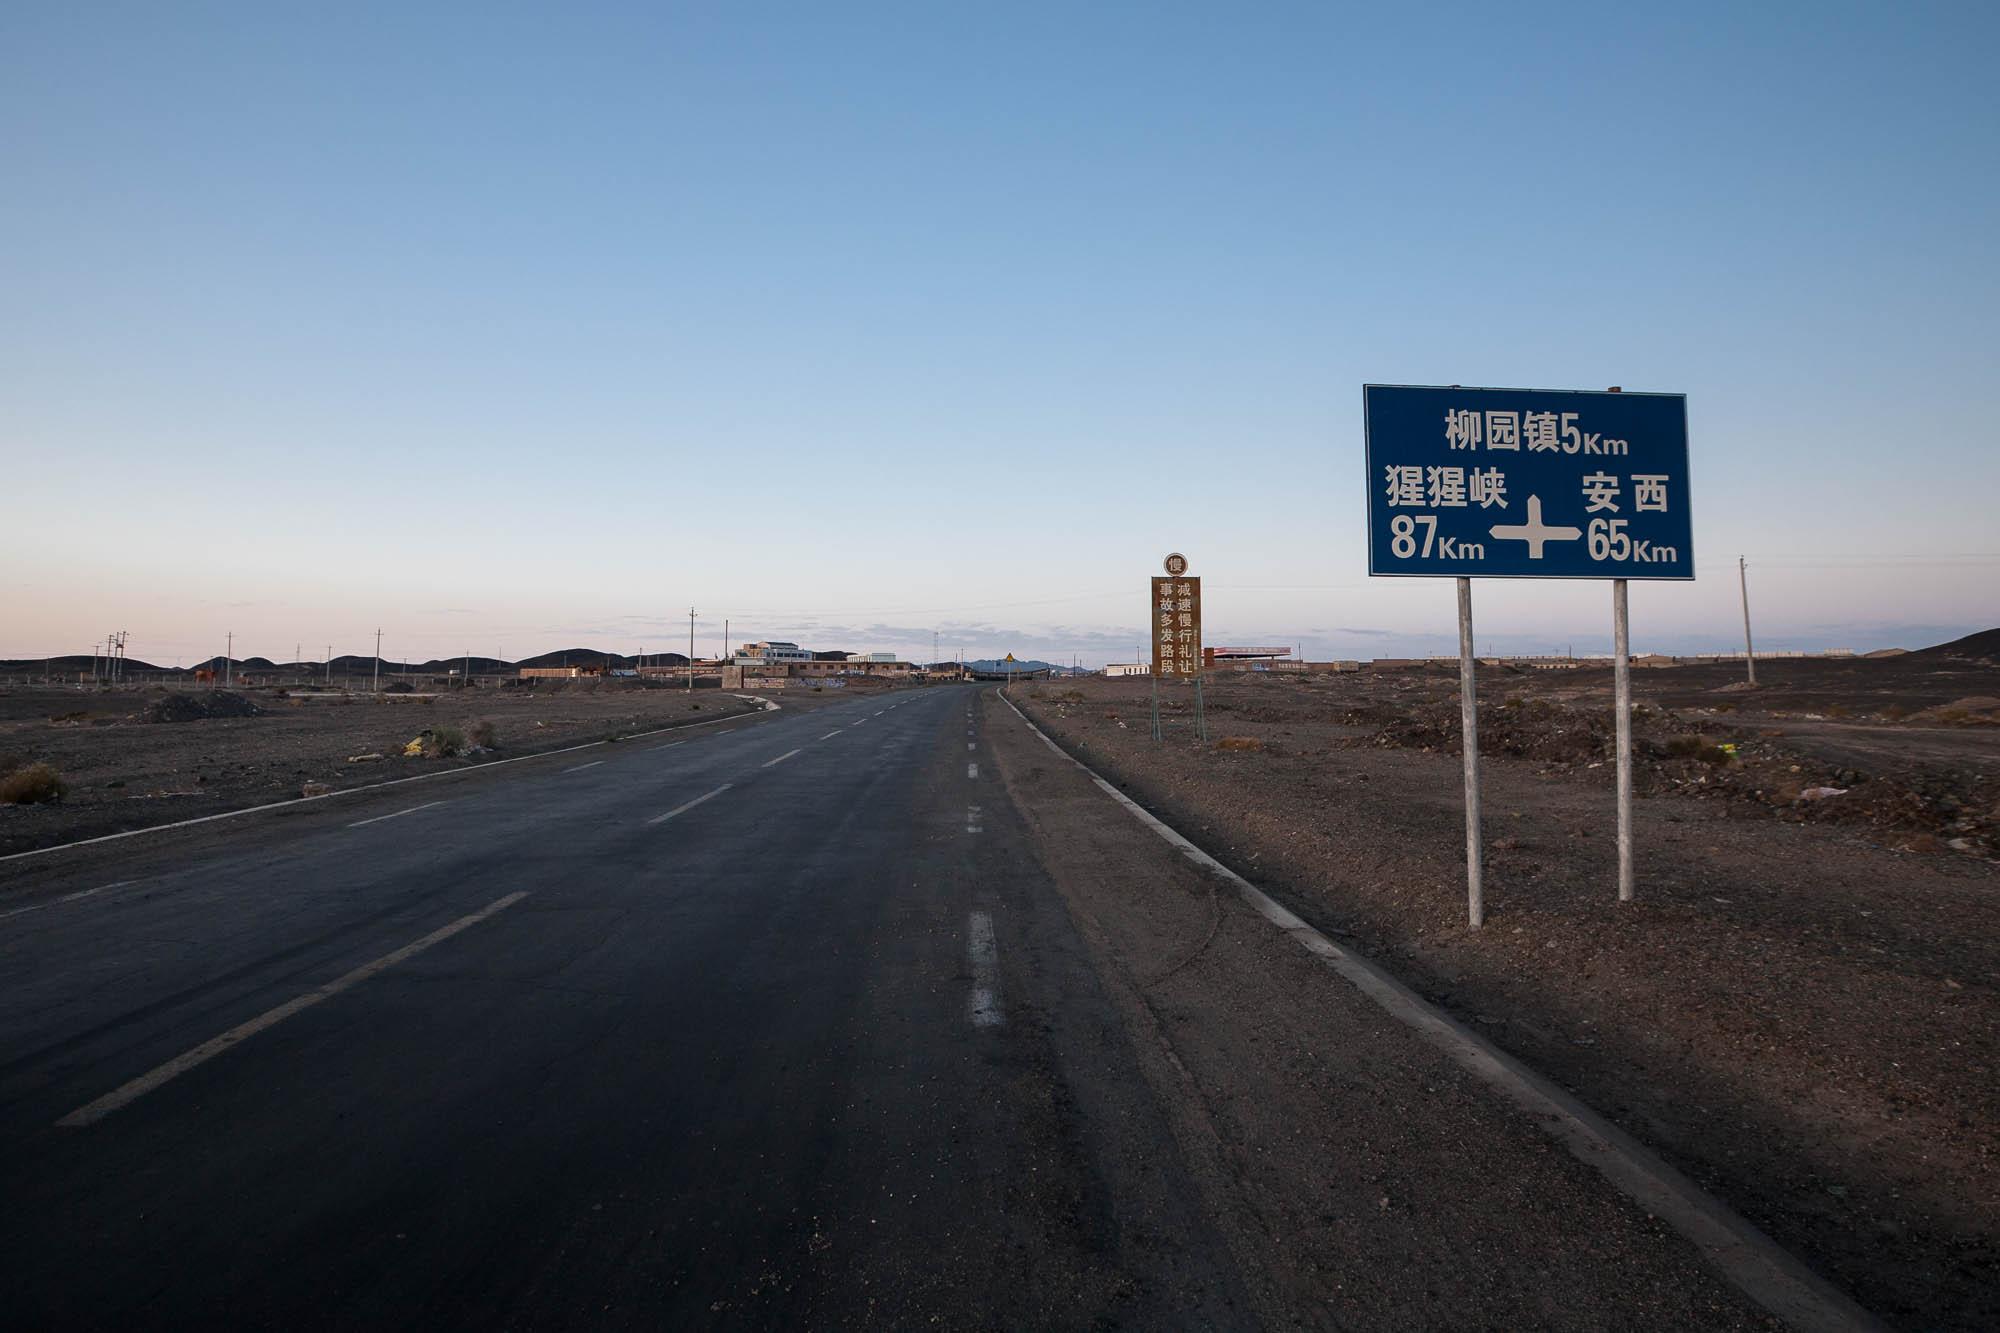 5km to Liuyuan